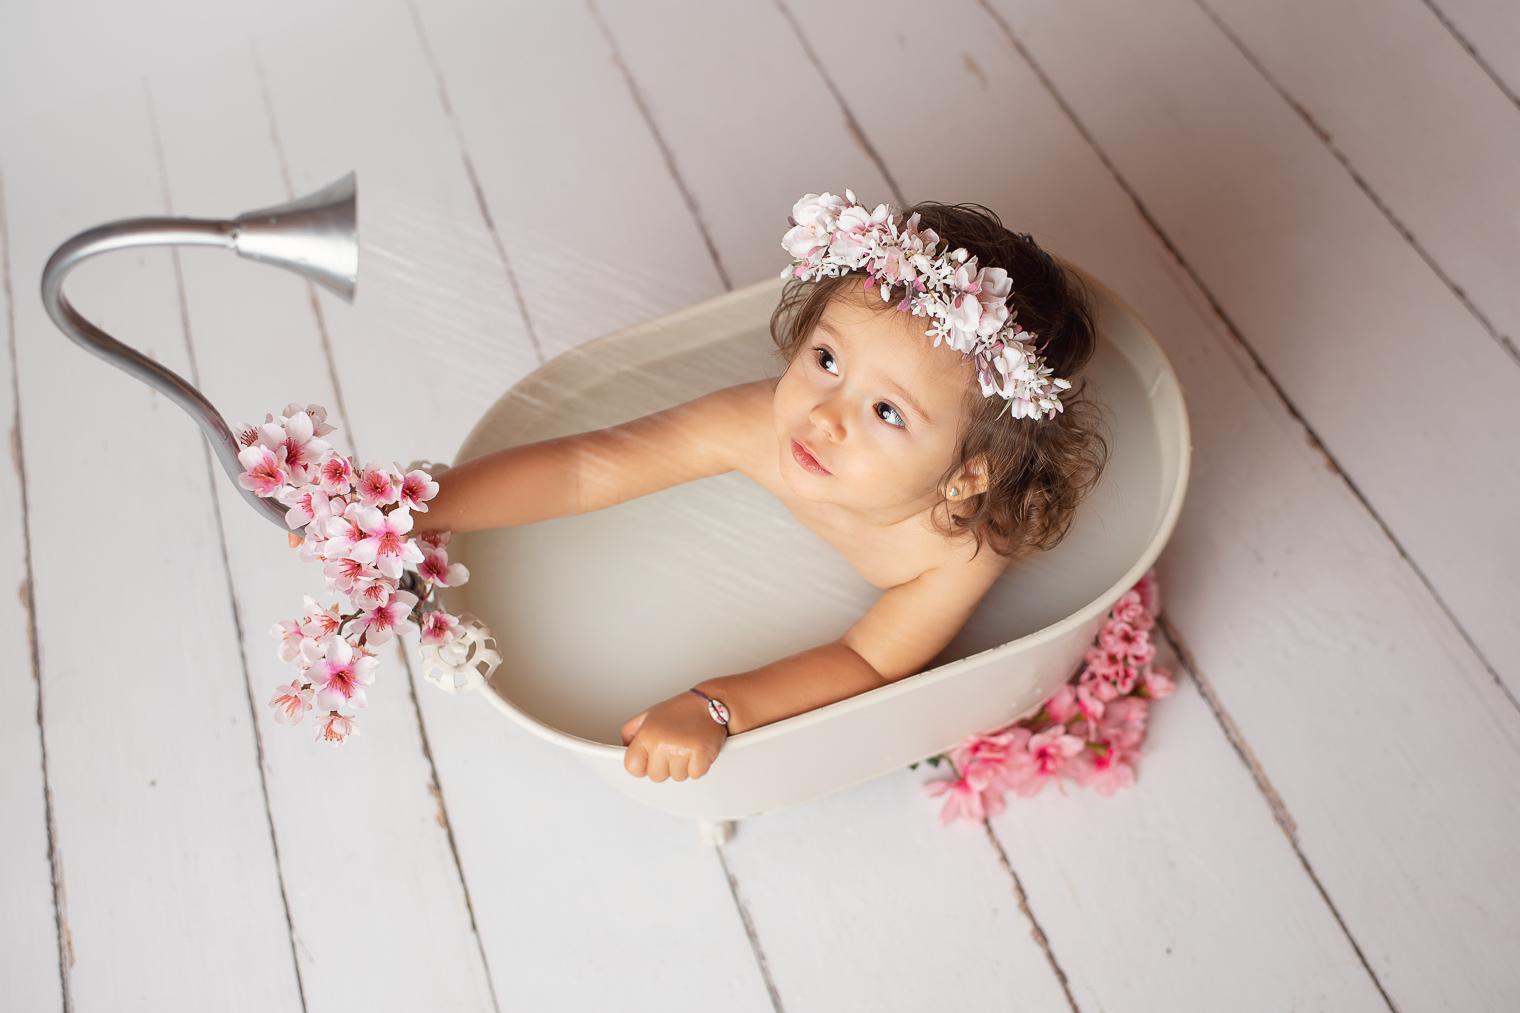 belinda lopez photo bebe enfant bain de lait photographie famille grossesse nouveau-ne maternite photographe bourg-saint-maurice savoie belindalopez.fr-3